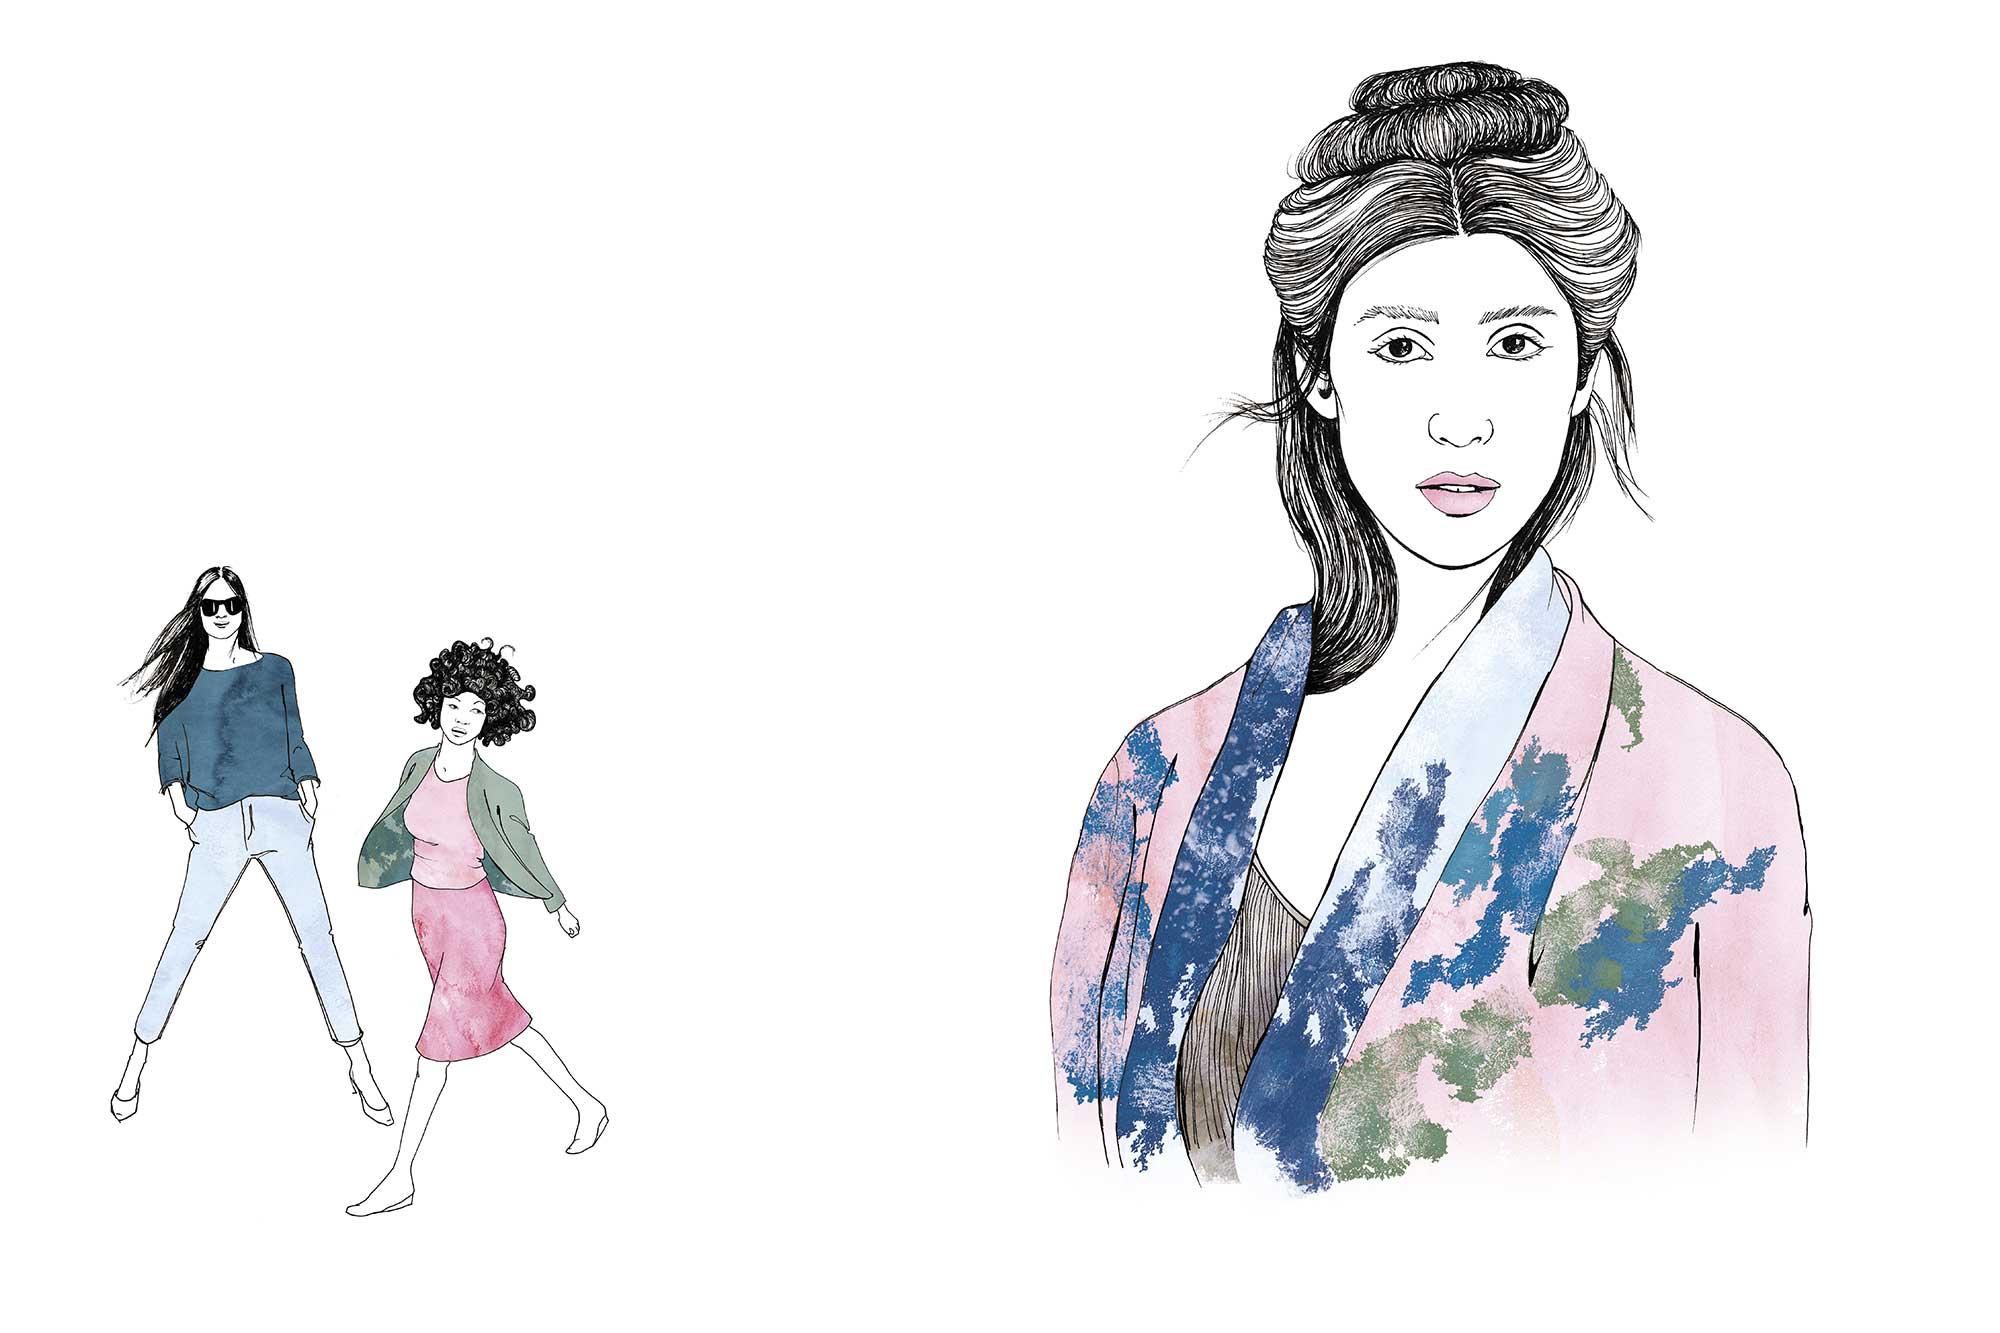 illustrationer_stockholm